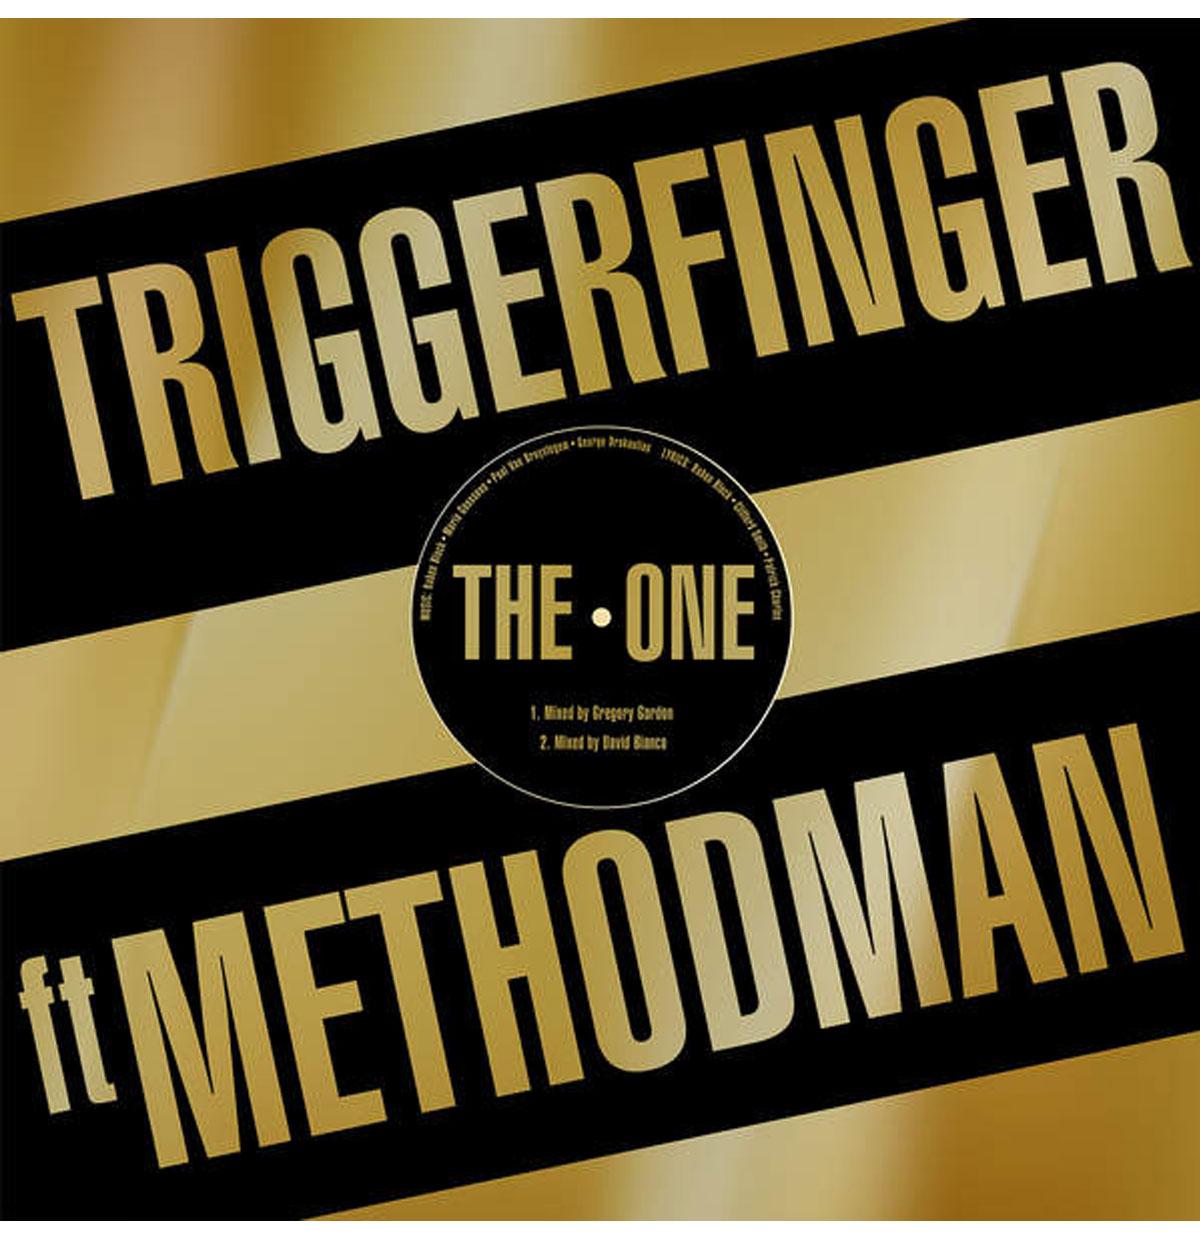 Triggerfinger ft. Methodman - The One LP